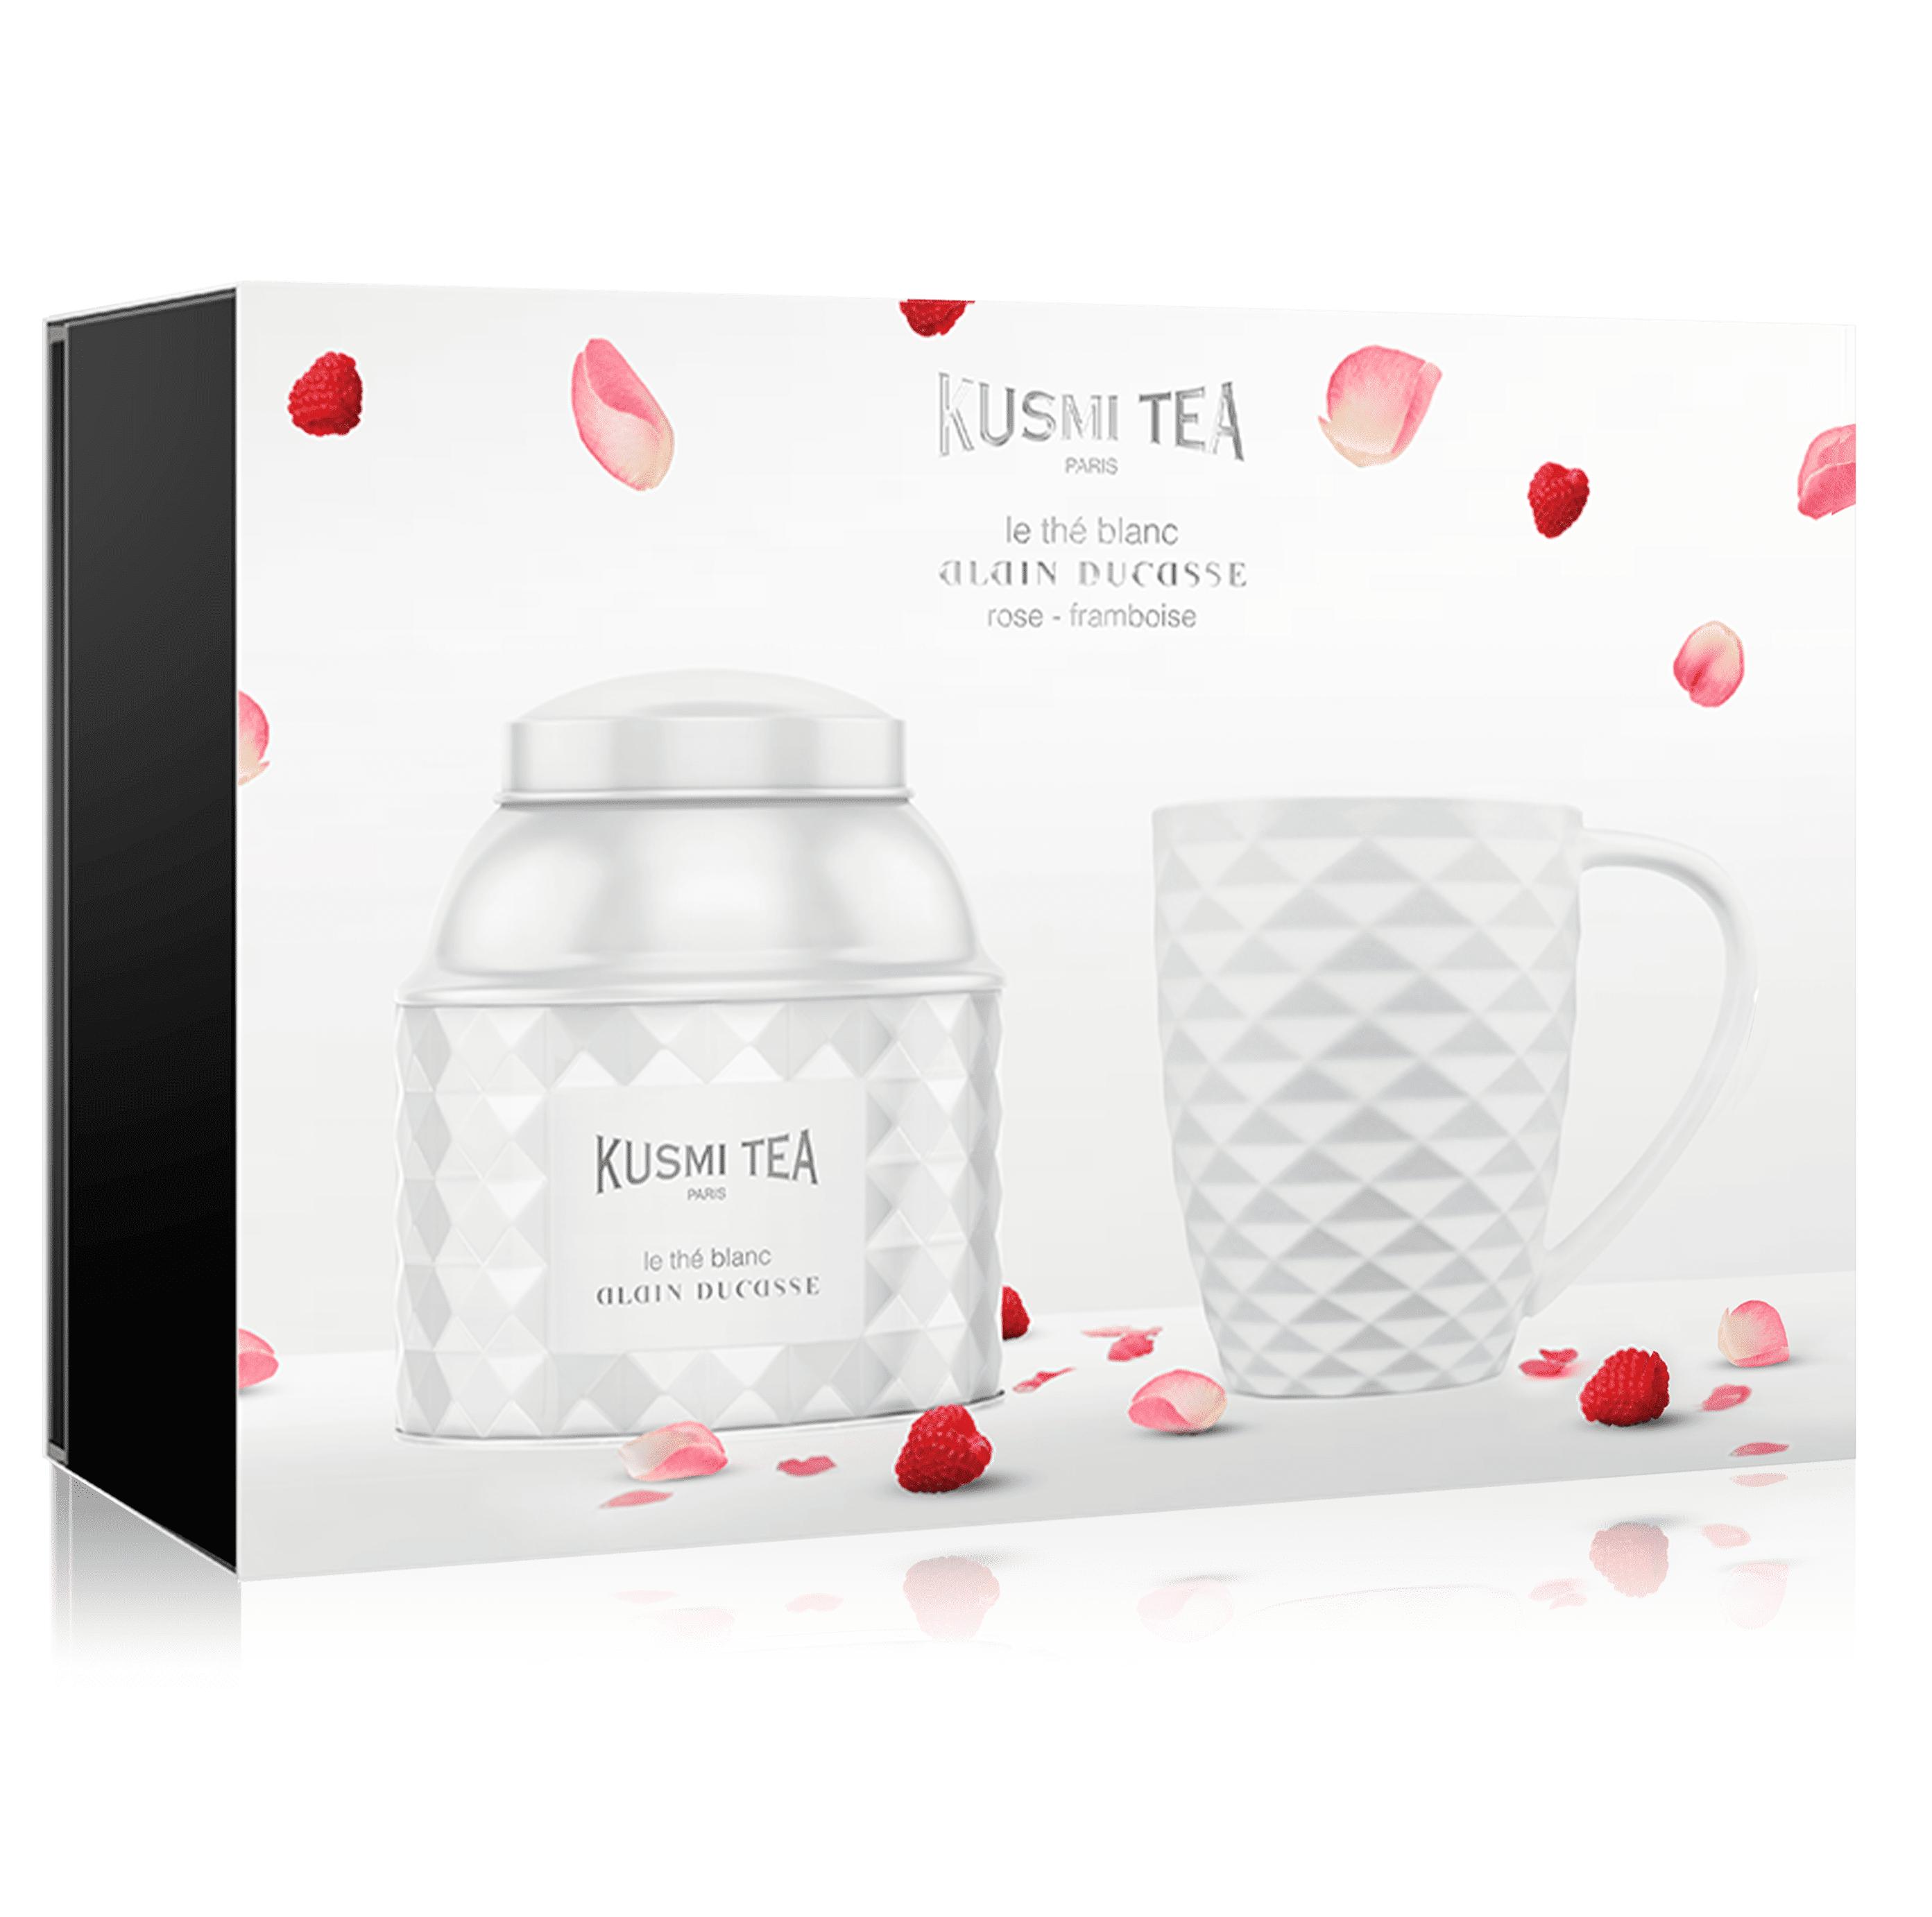 KUSMI TEA Coffret le thé blanc Alain Ducasse rose-framboise Kusmi Tea